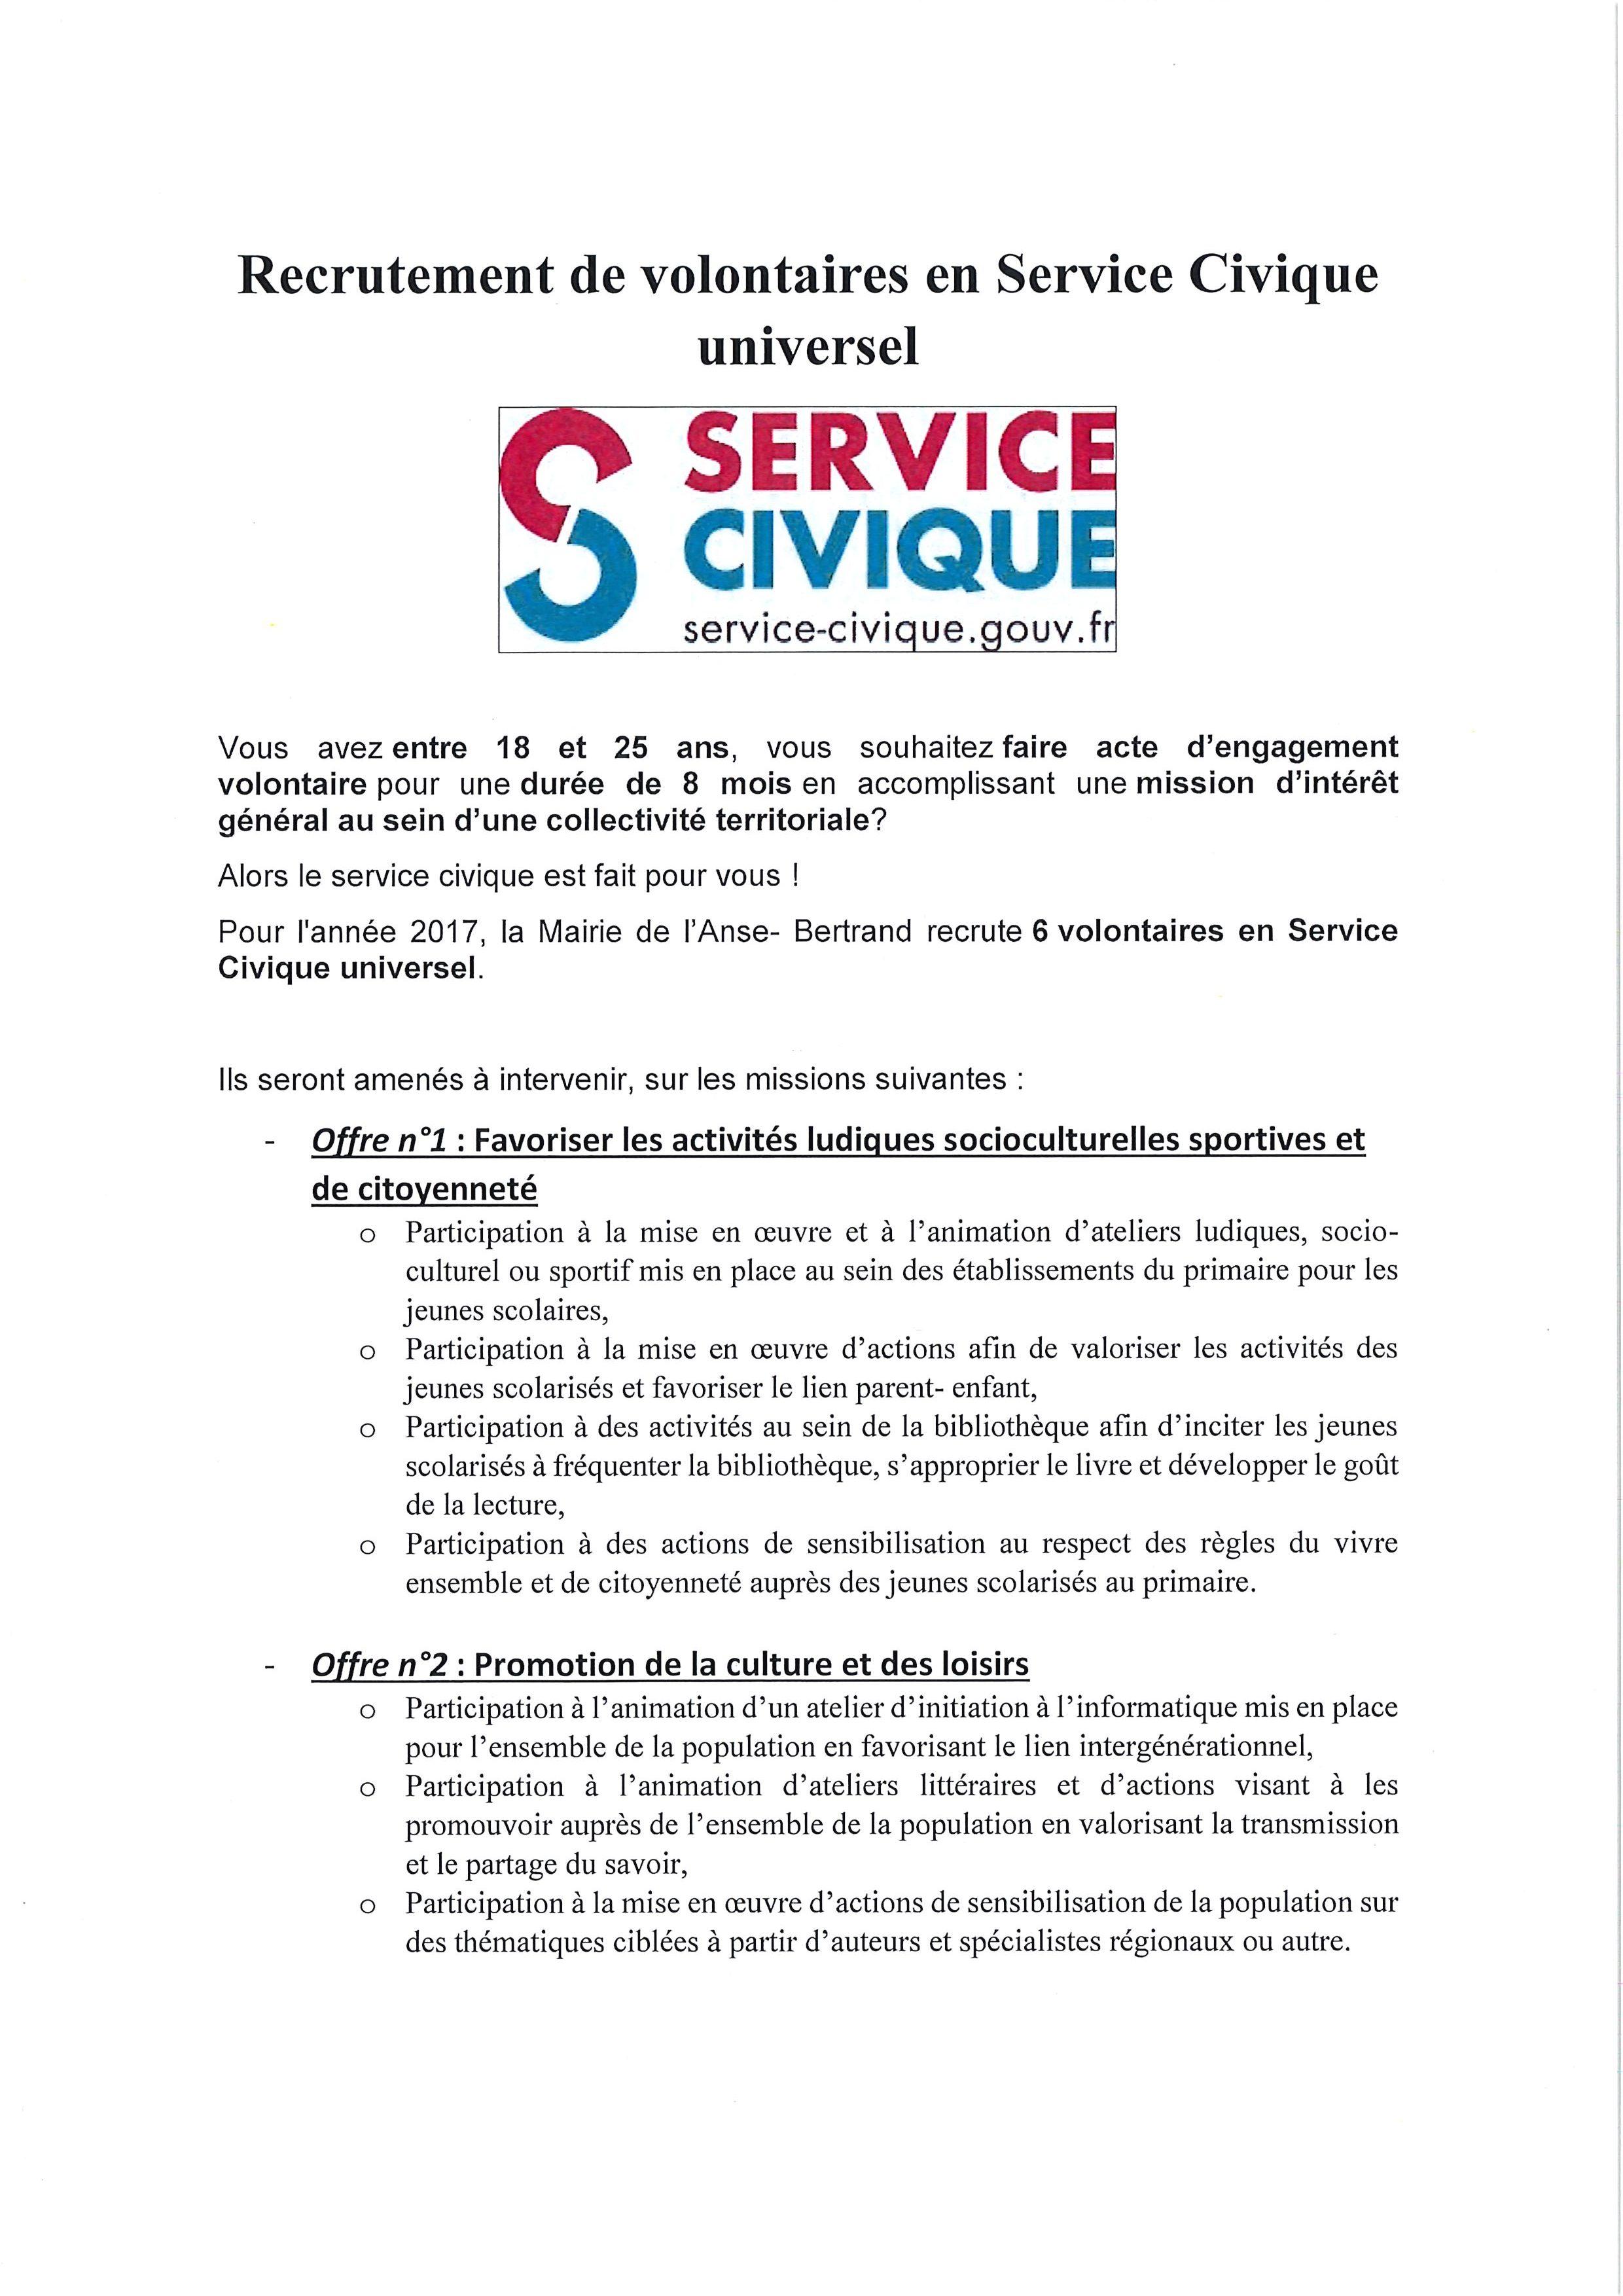 recrutement de volontaires en service civique universel